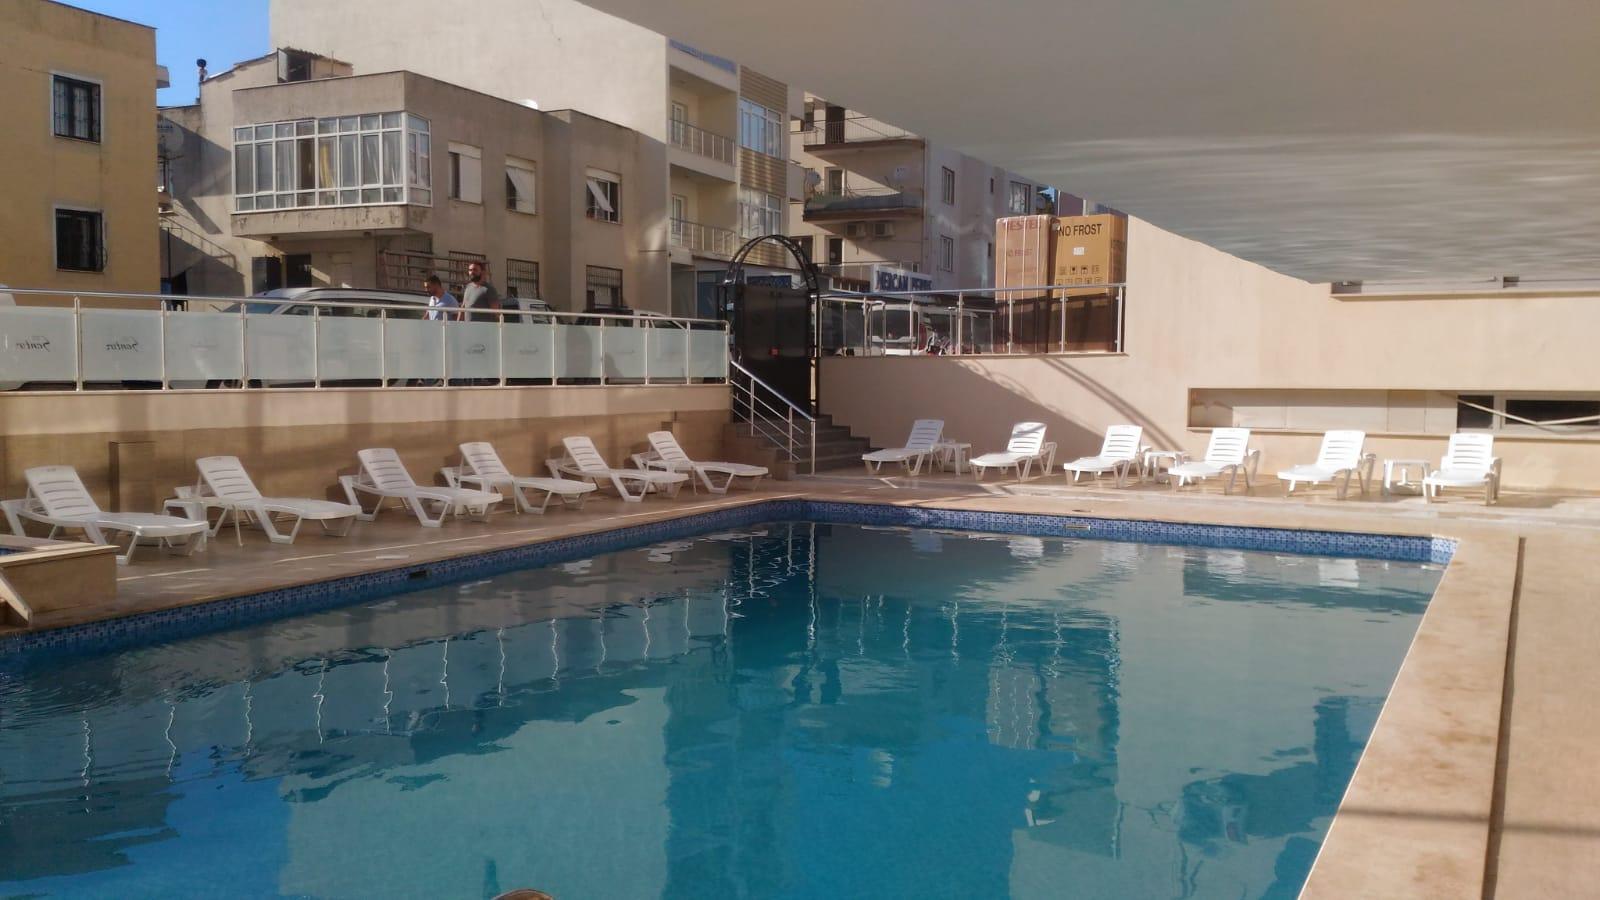 Letovanje Turska autobusom, Kusadasi, Hotel a autobusom, Kusadasi, Hotel Roxx Royal ex Santur,hotelski bazen